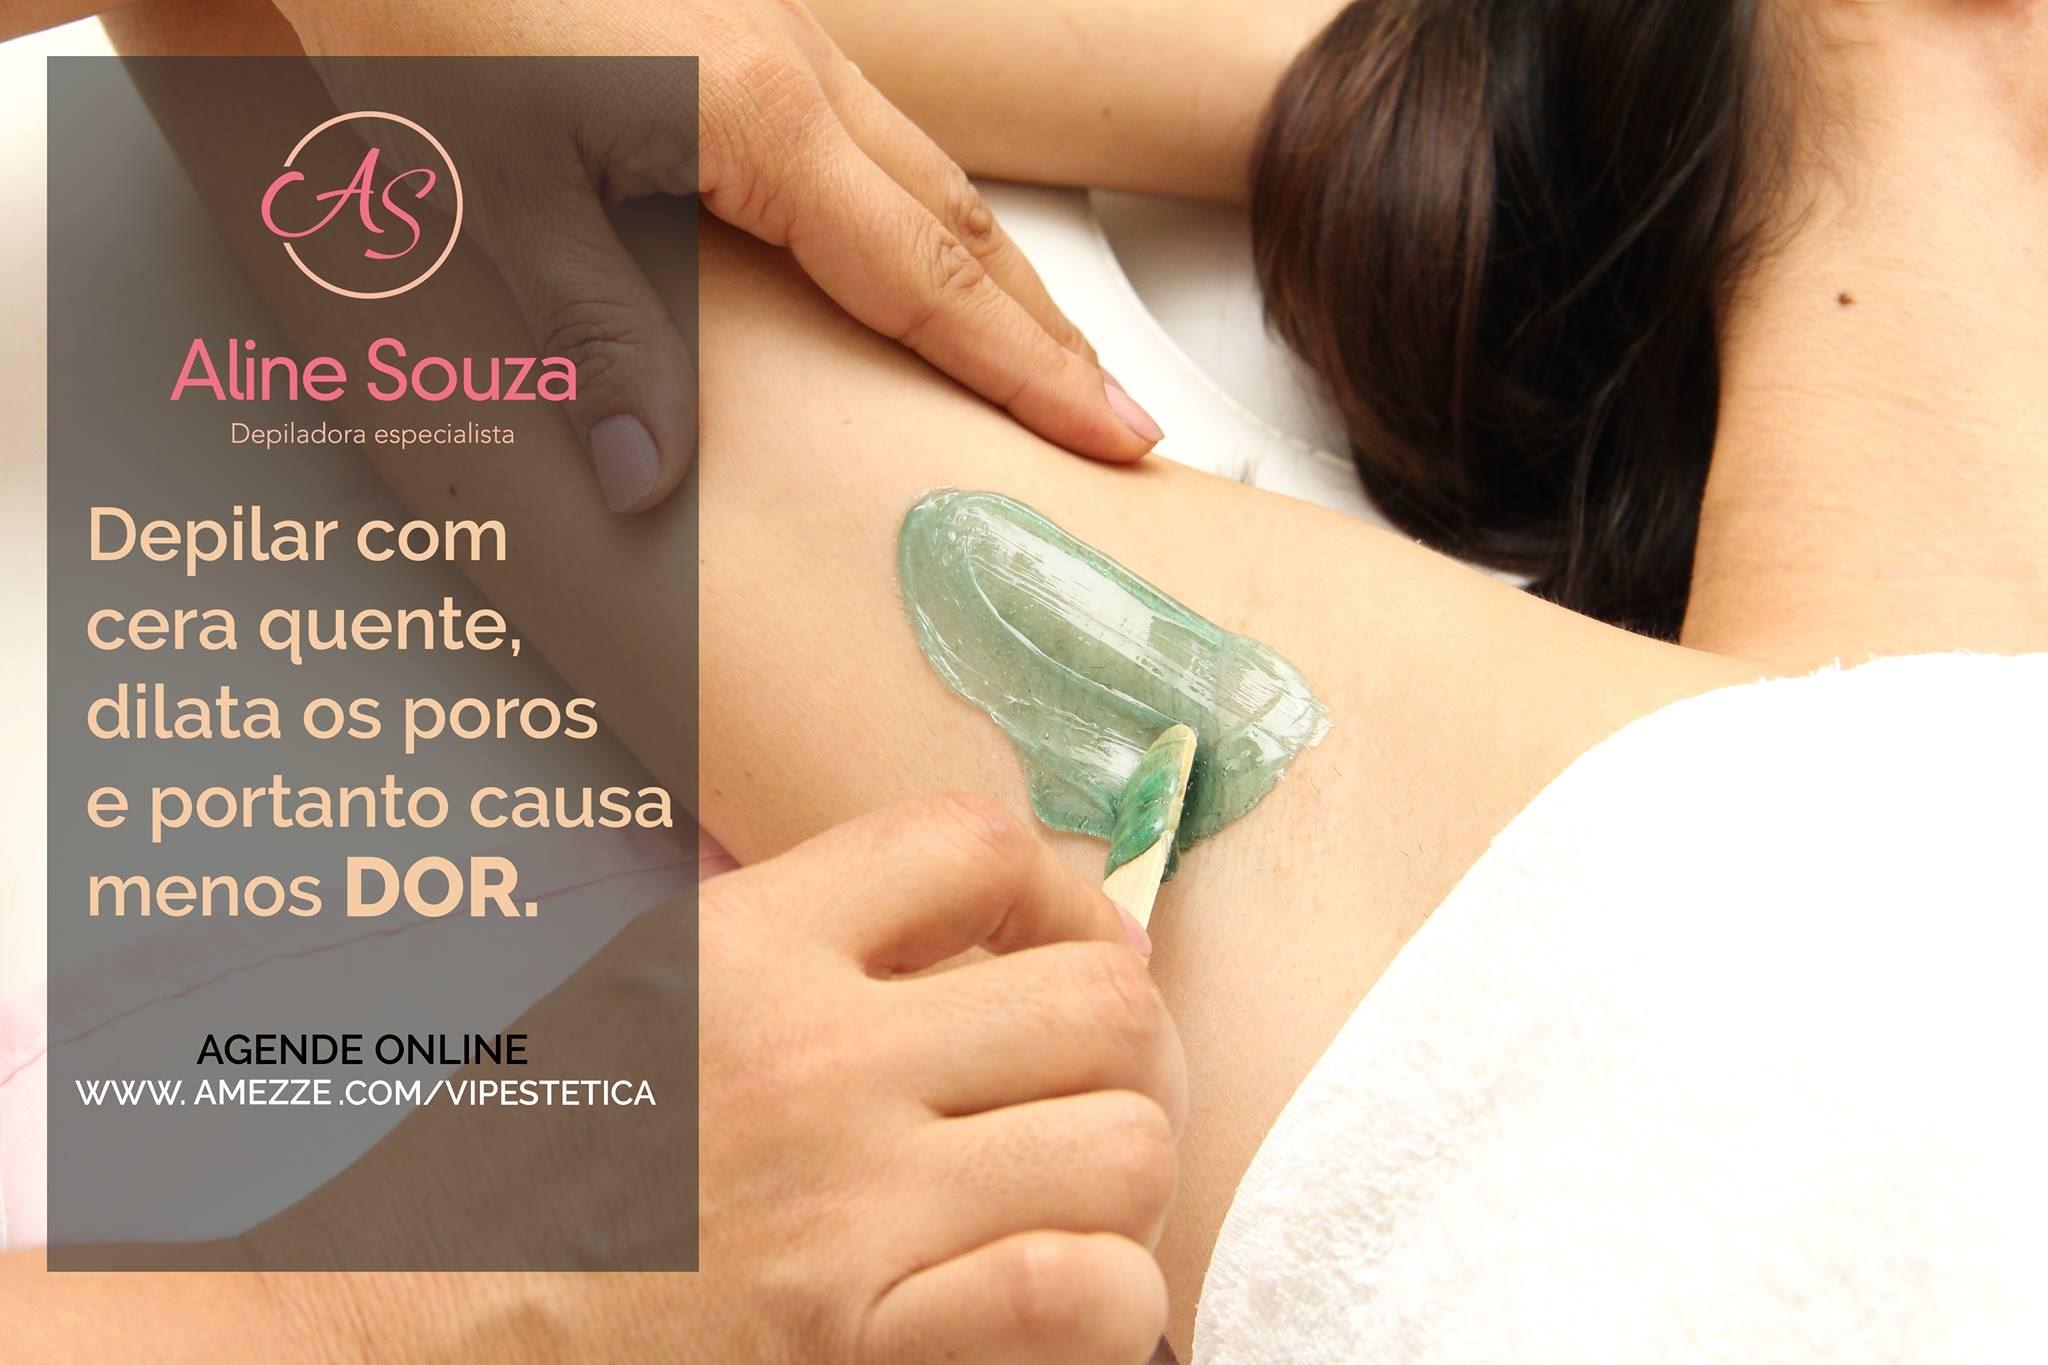 Vip Estética - Depilação Aline Souza